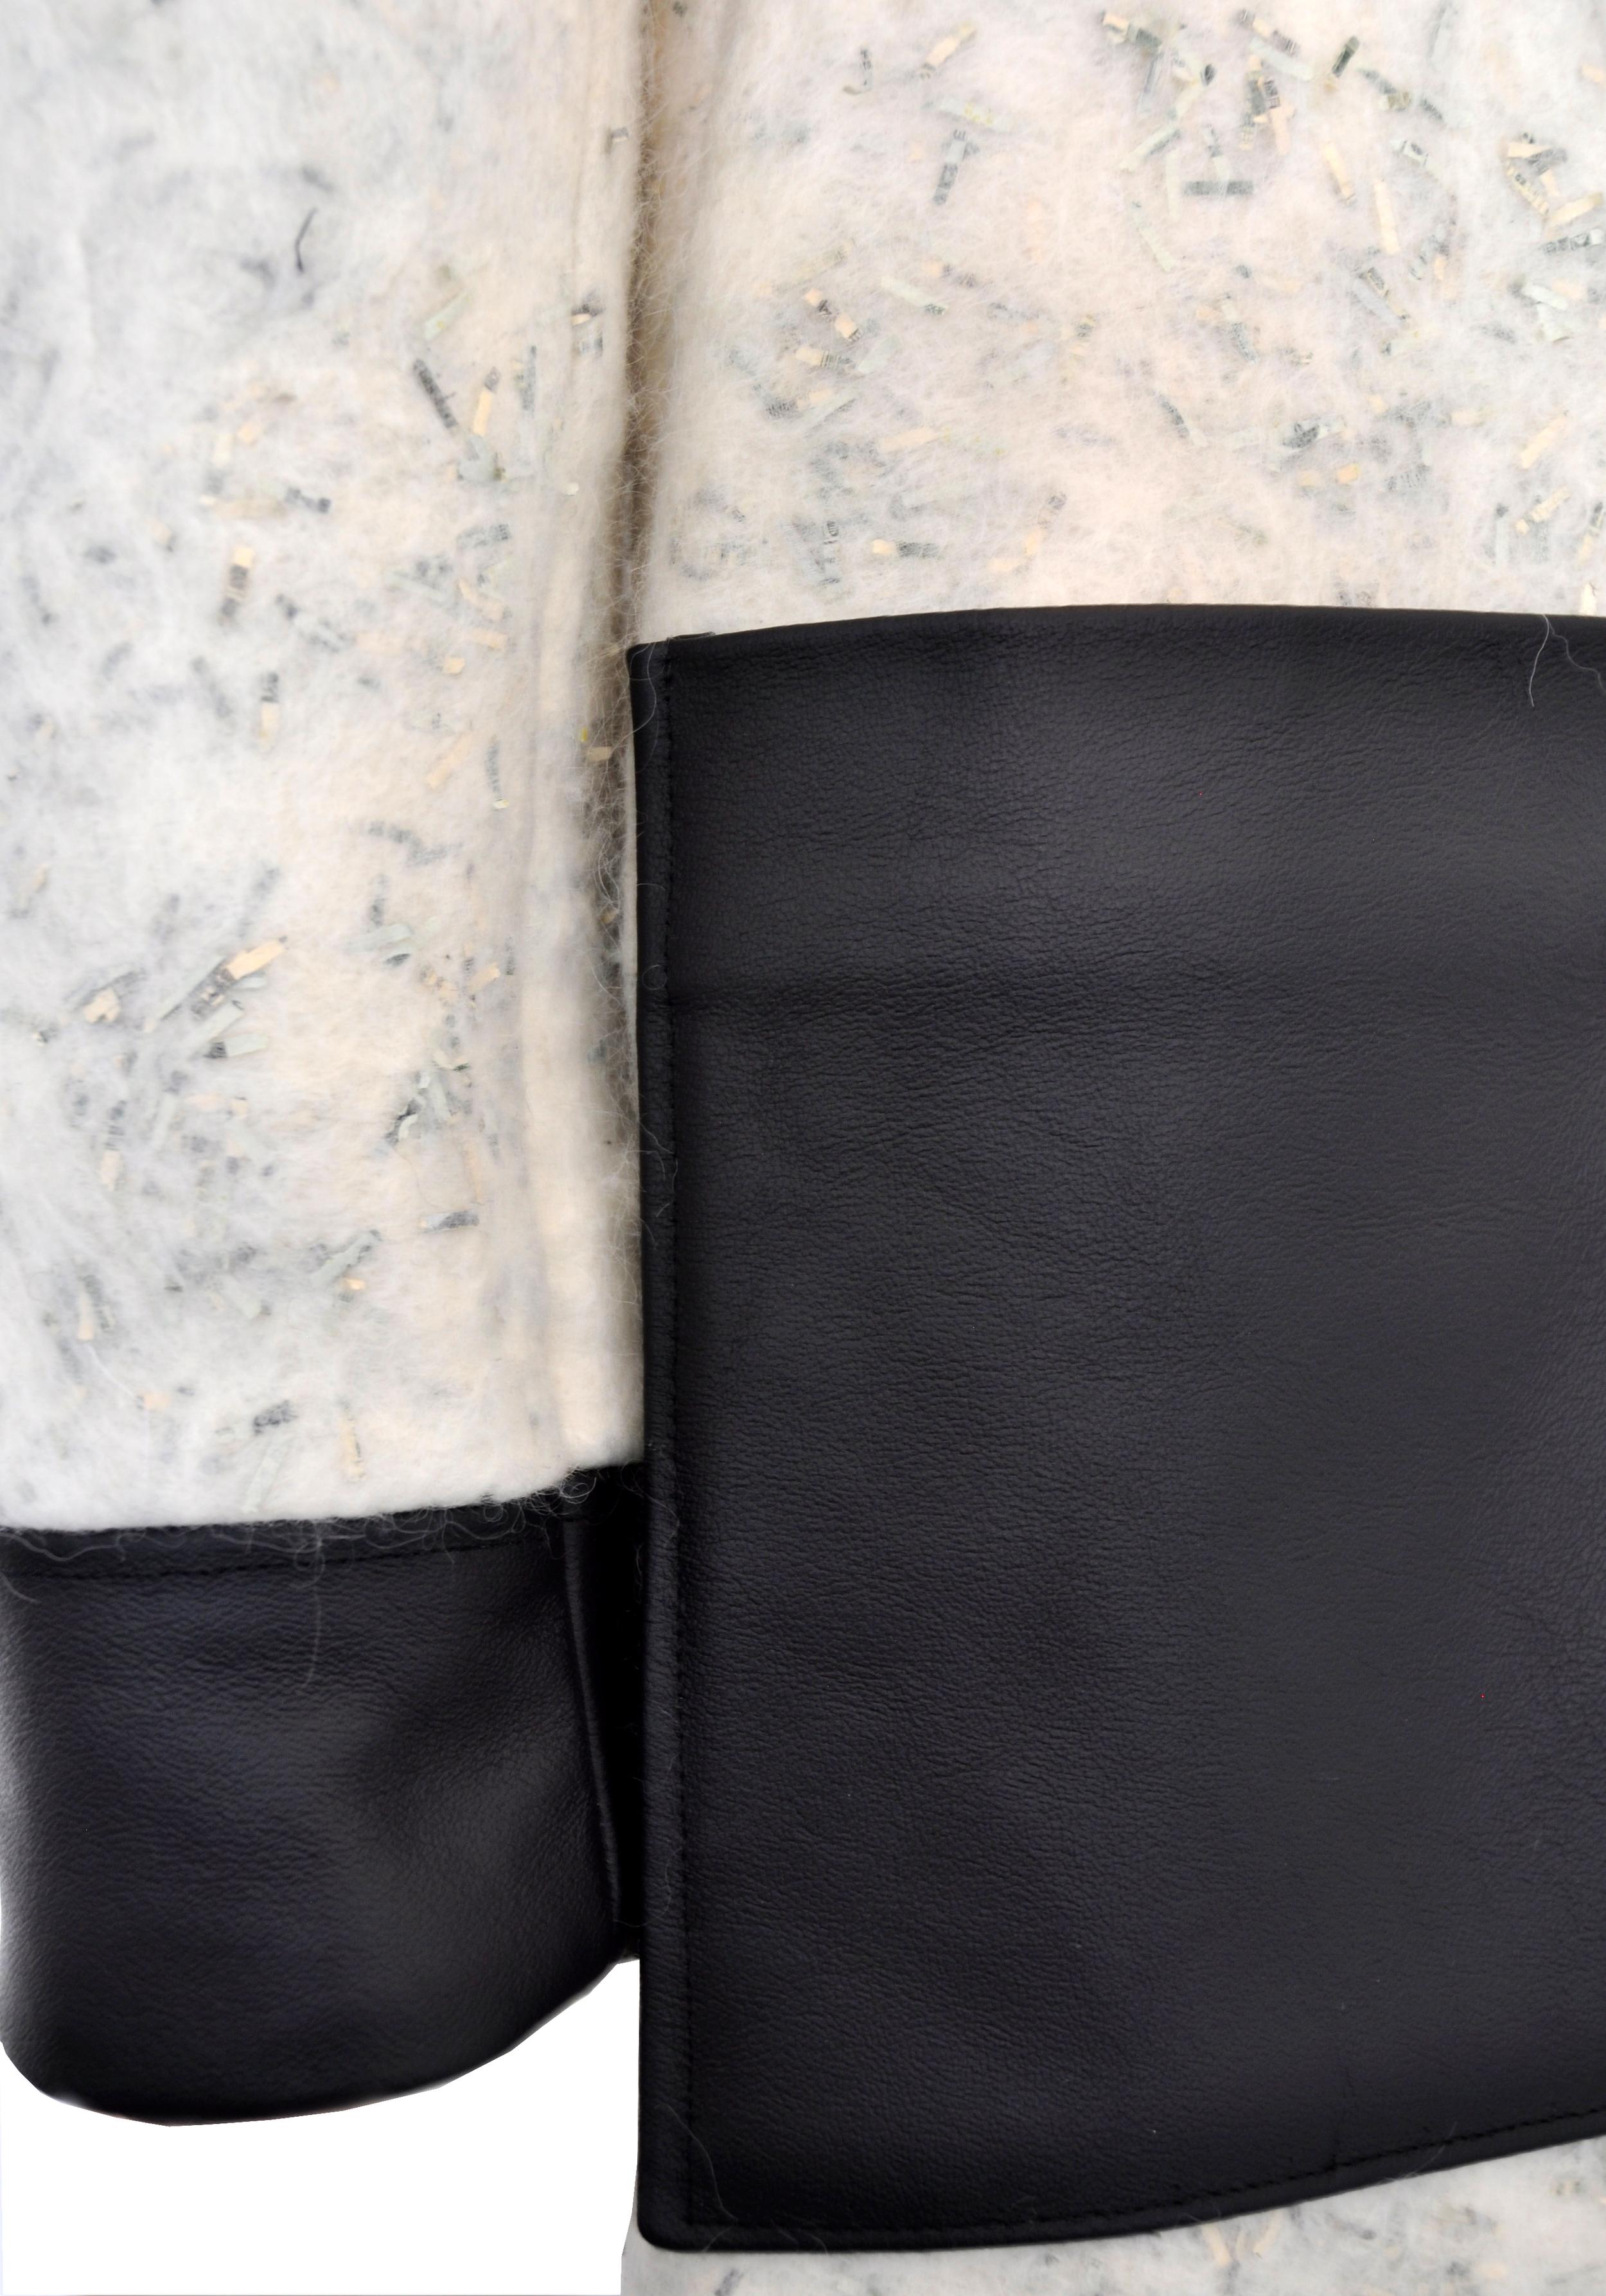 Hooded coat Back-pocket detail.jpg